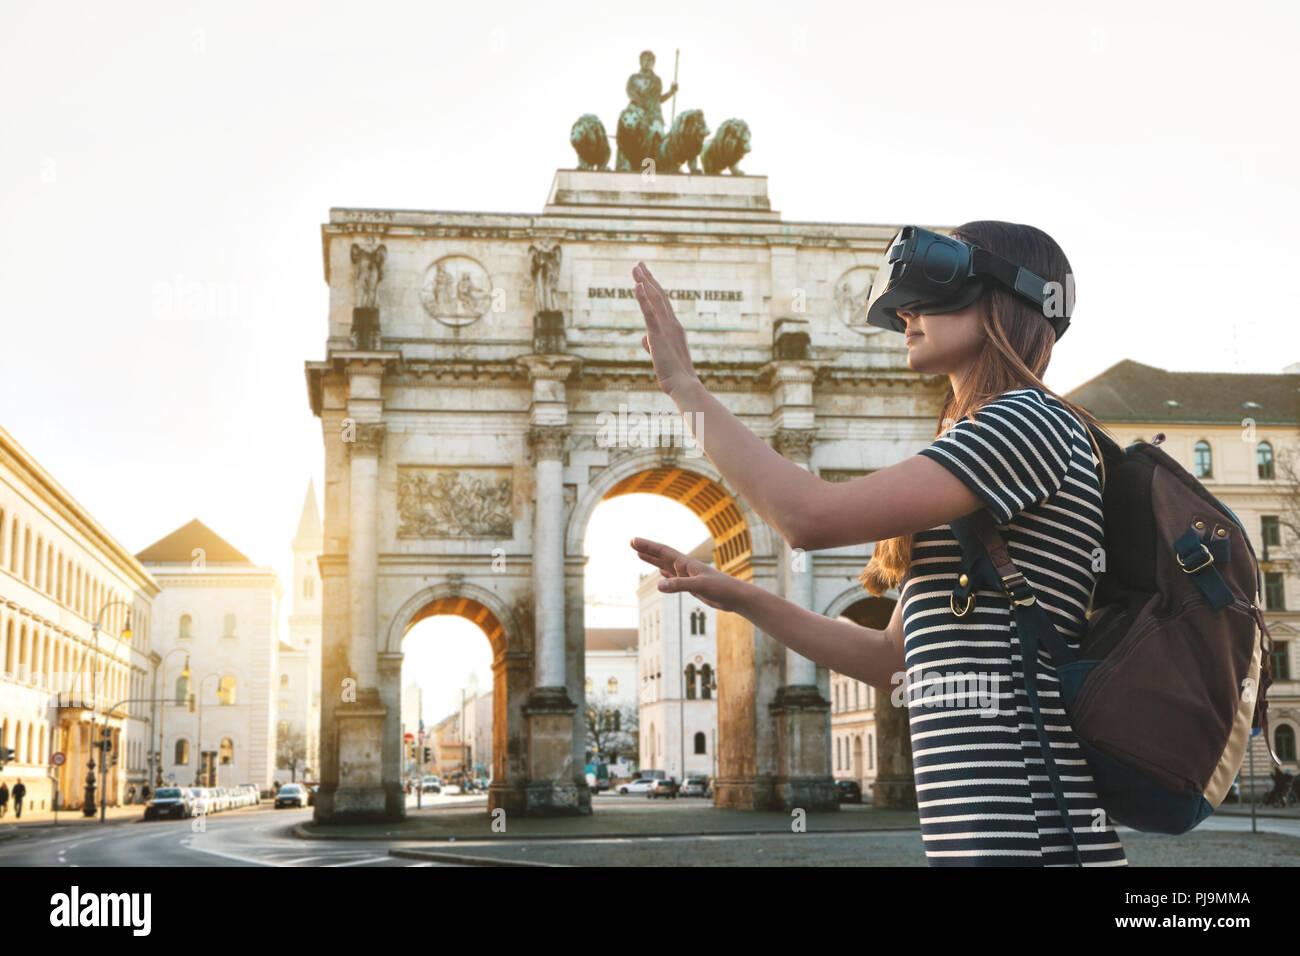 Chica turista en gafas de realidad virtual. Viaje virtual a Alemania. El concepto de turismo virtual. Excursión arco triunfal en Munich en el fondo. Imagen De Stock